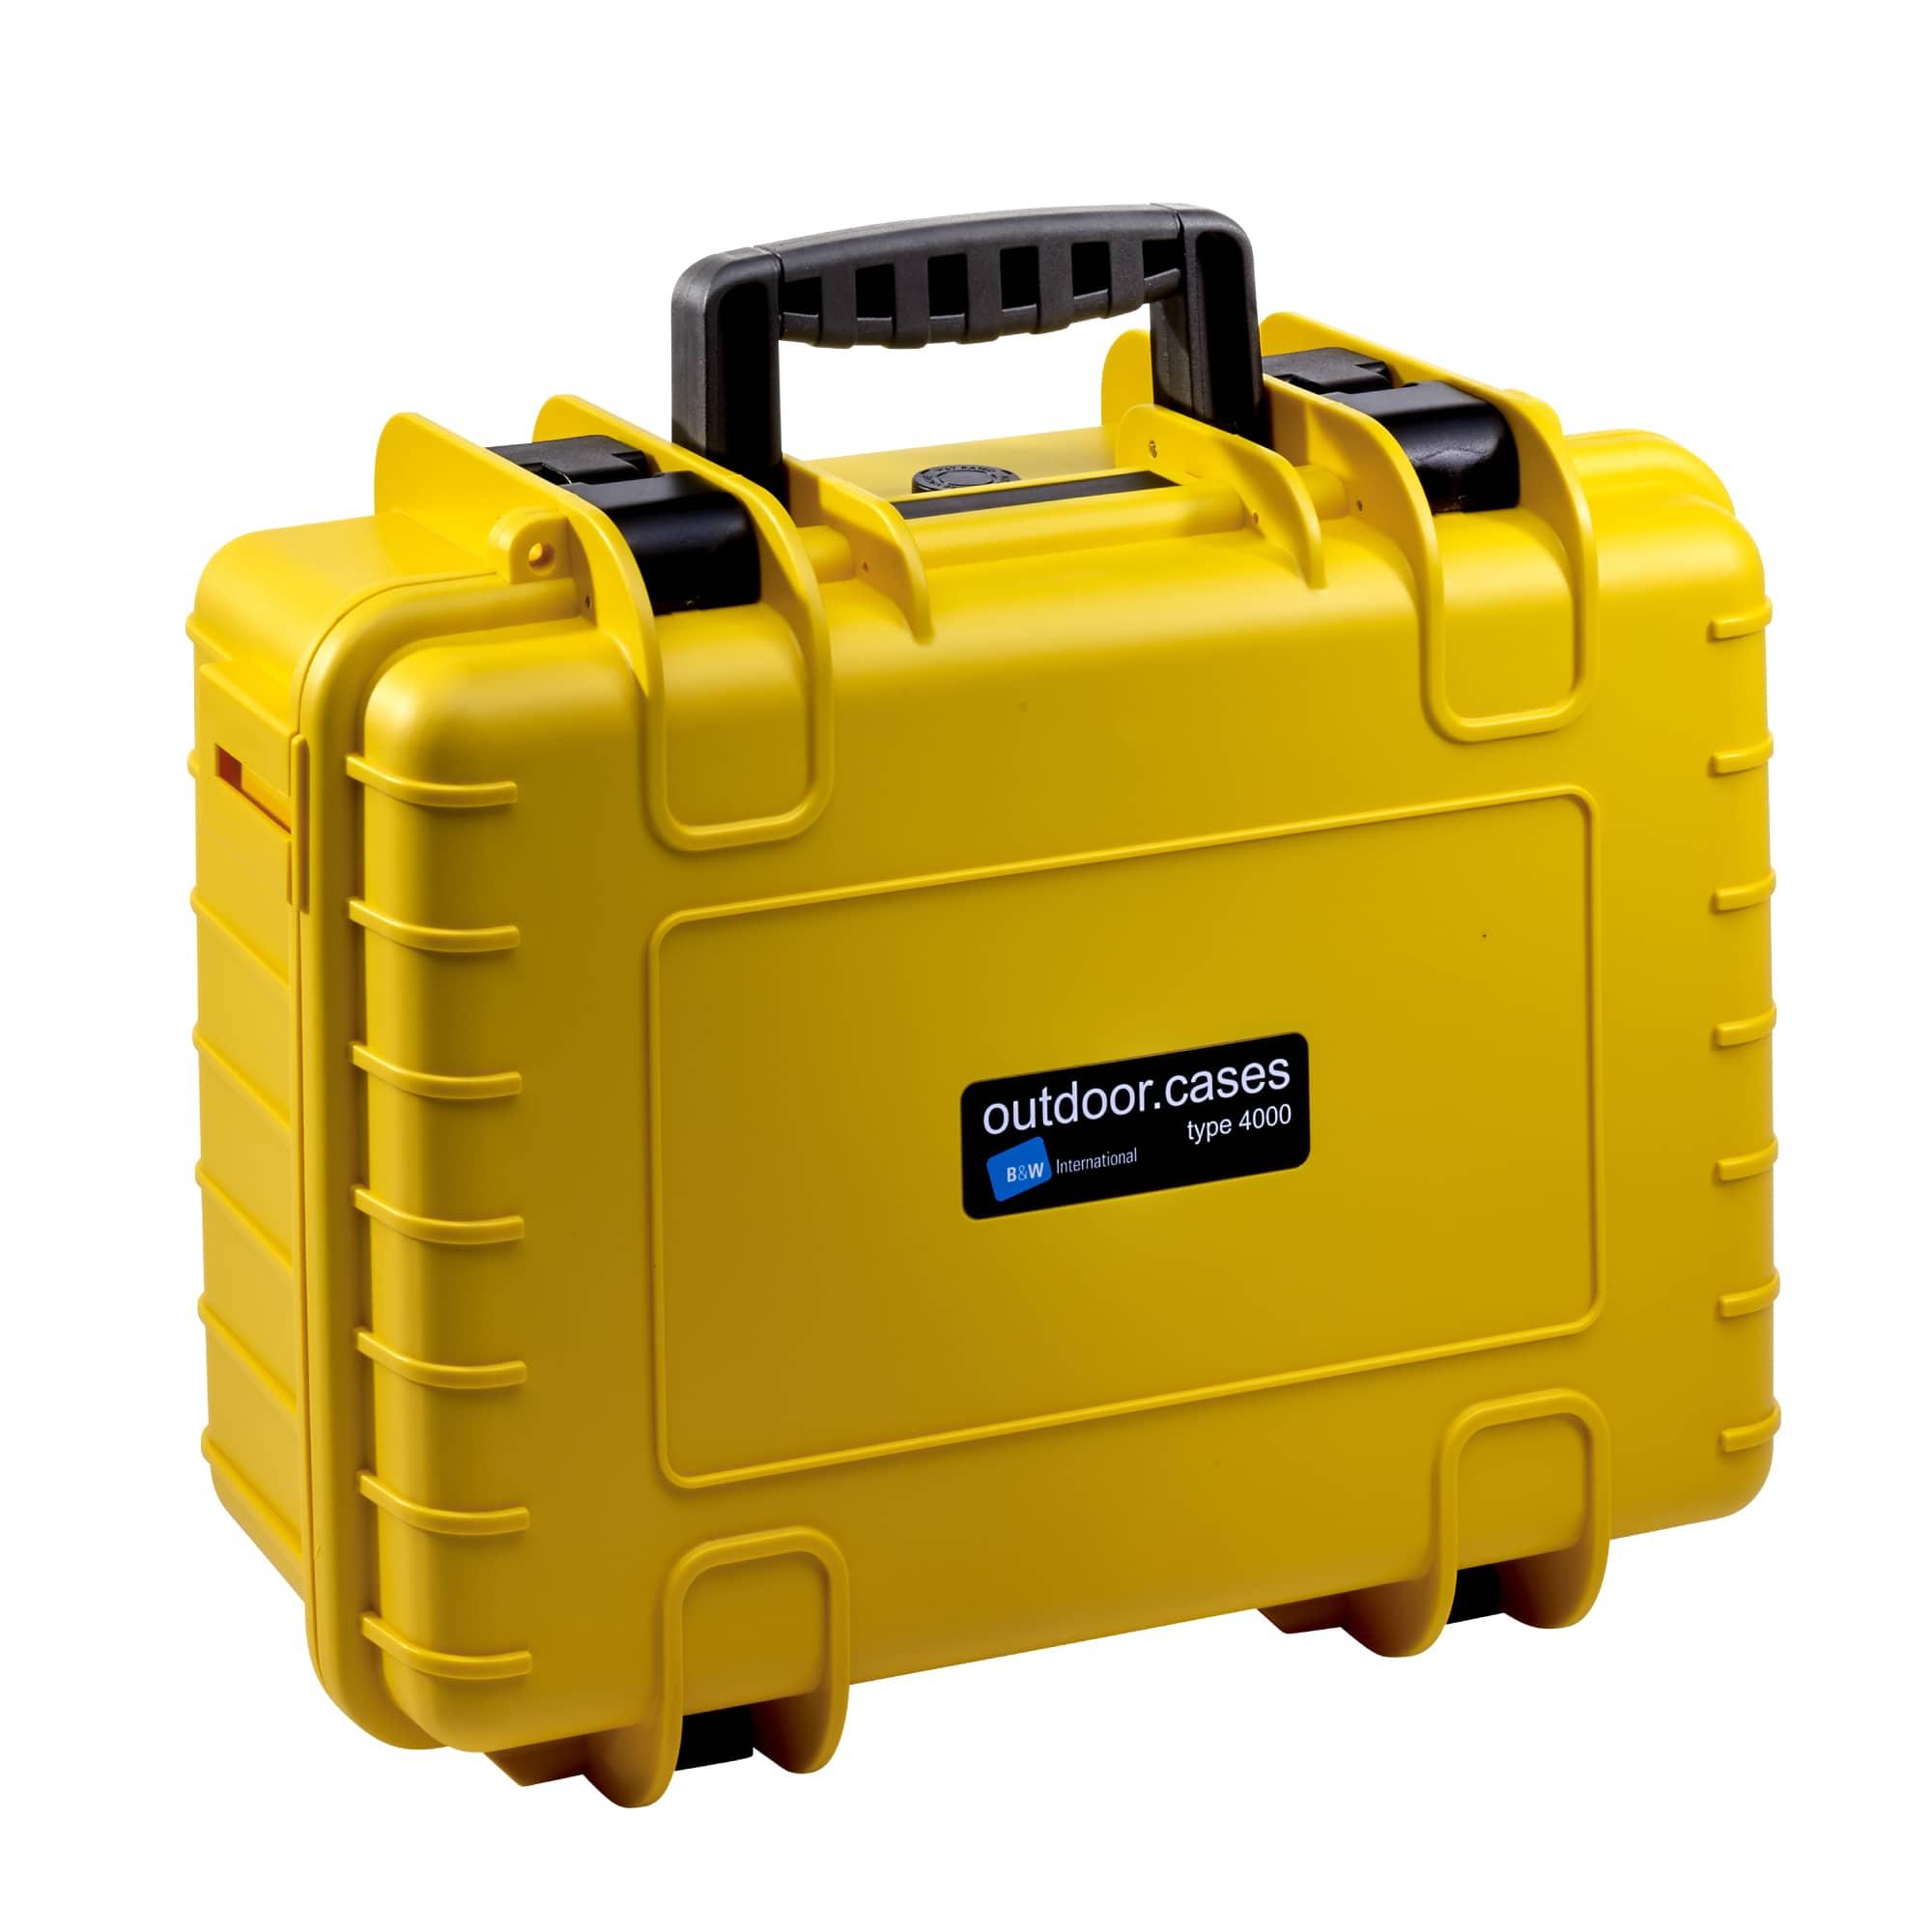 B&W Outdoor Case Typ 4000